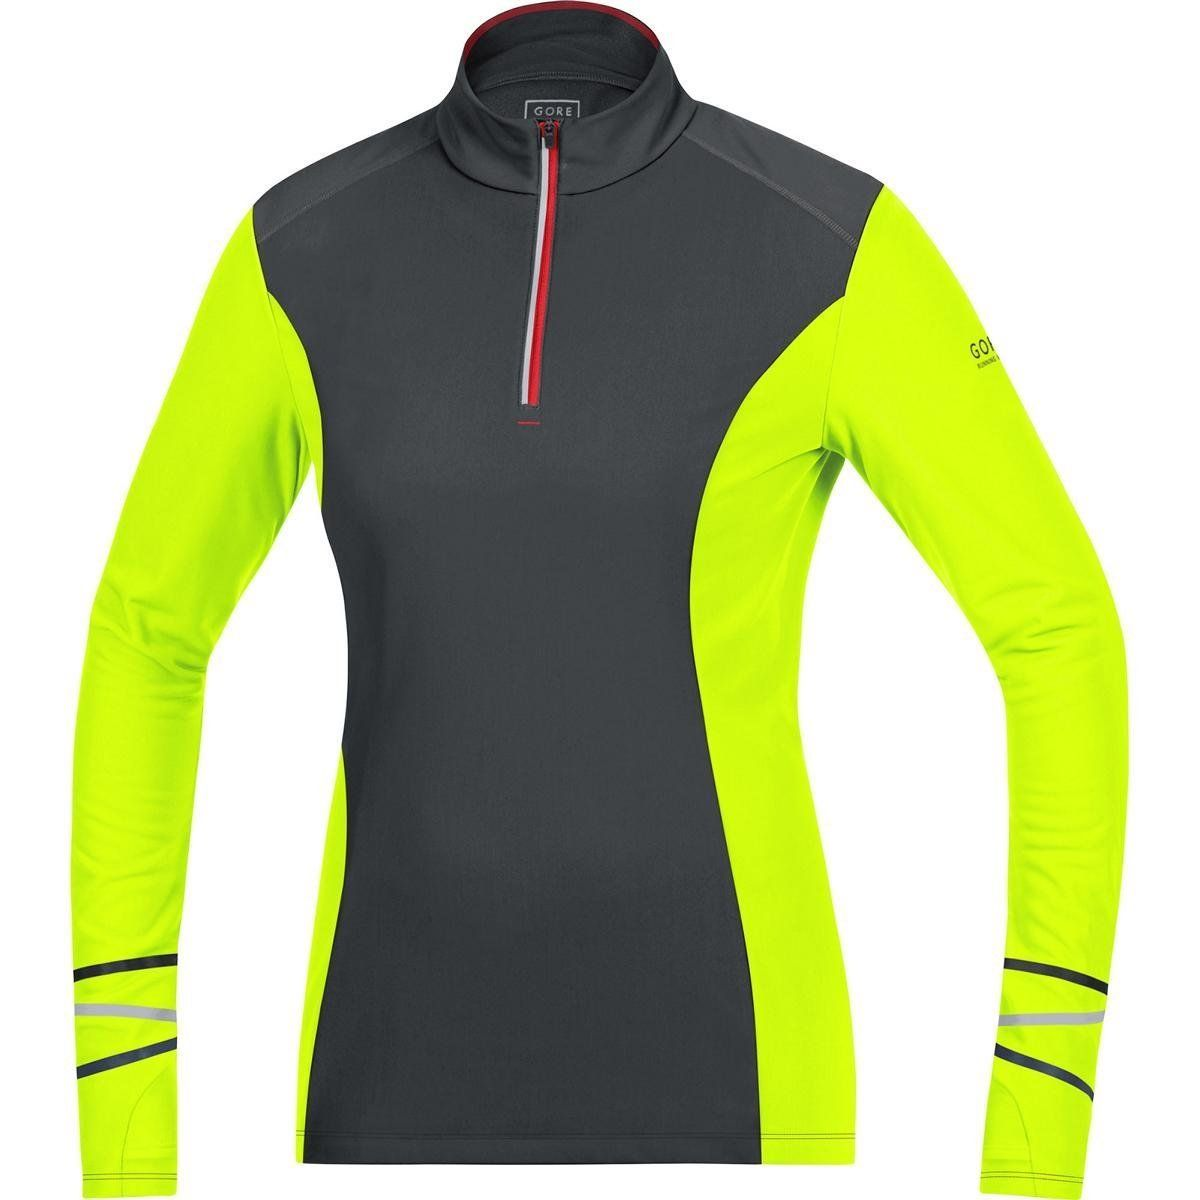 Warmer Damen Thermo-Langarm-Lauf-Jersey für die ambitionierte Läuferin http://amzn.to/2hOHxVO #Thermo #damen #läuferin